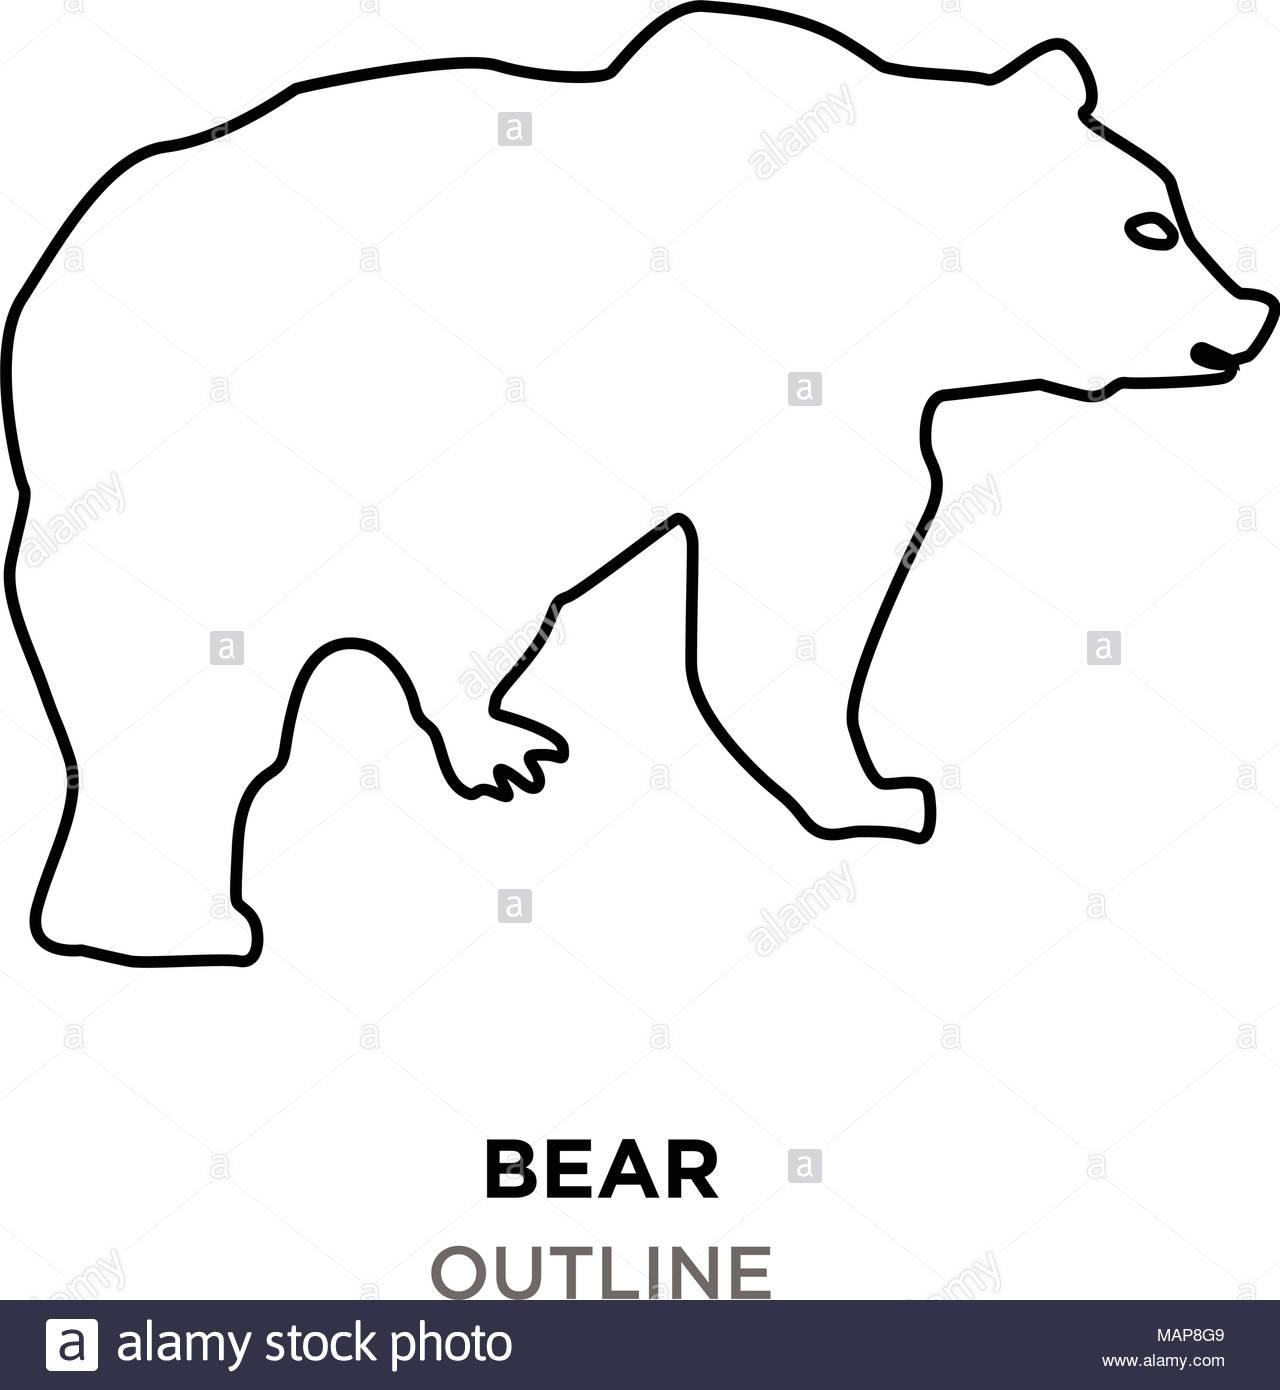 bear outline clipart on white background Stock Vector Art.